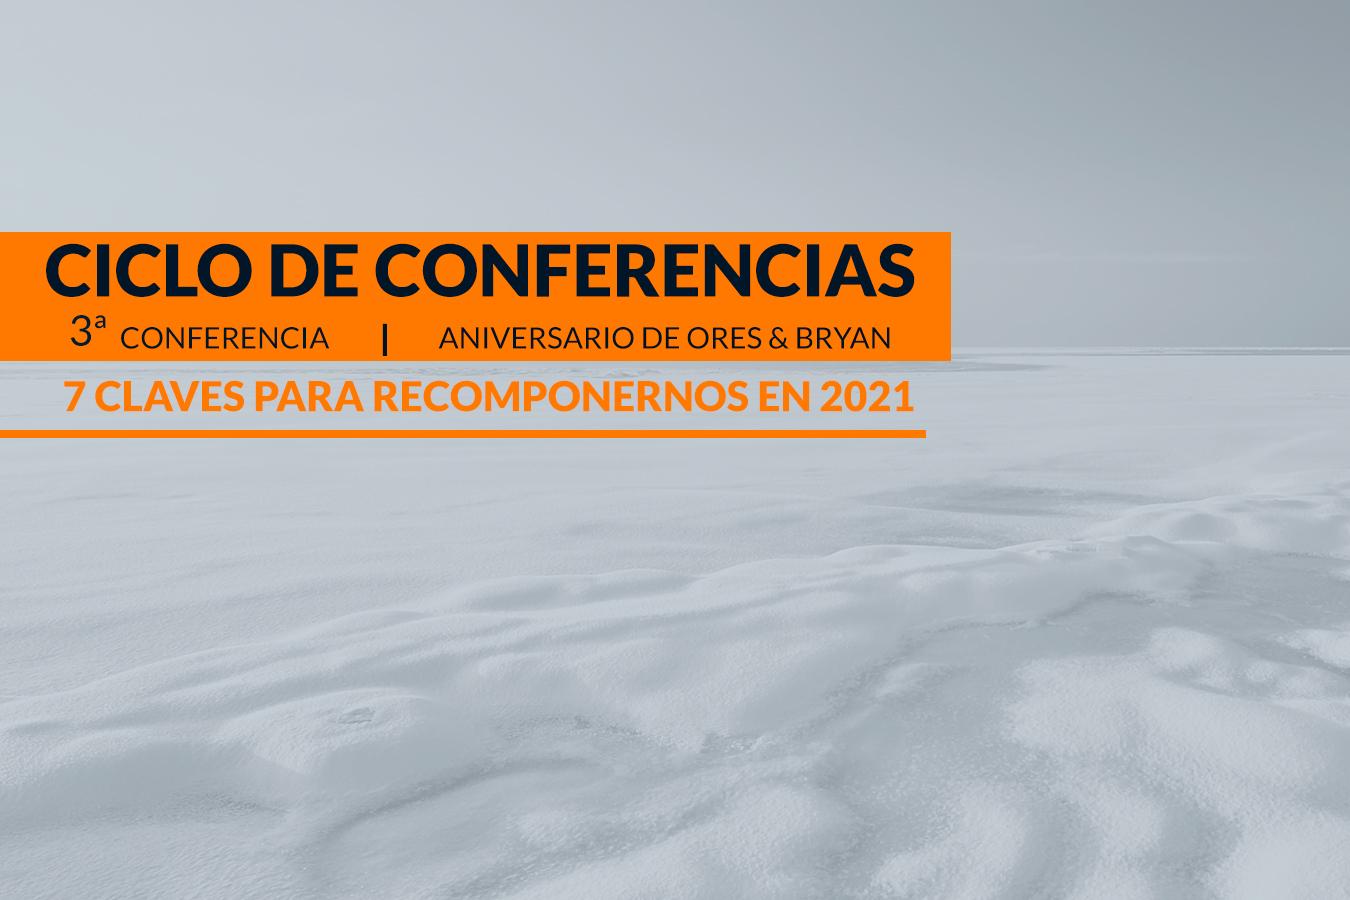 III Conferencia: Las 7 notas para recomponernos.